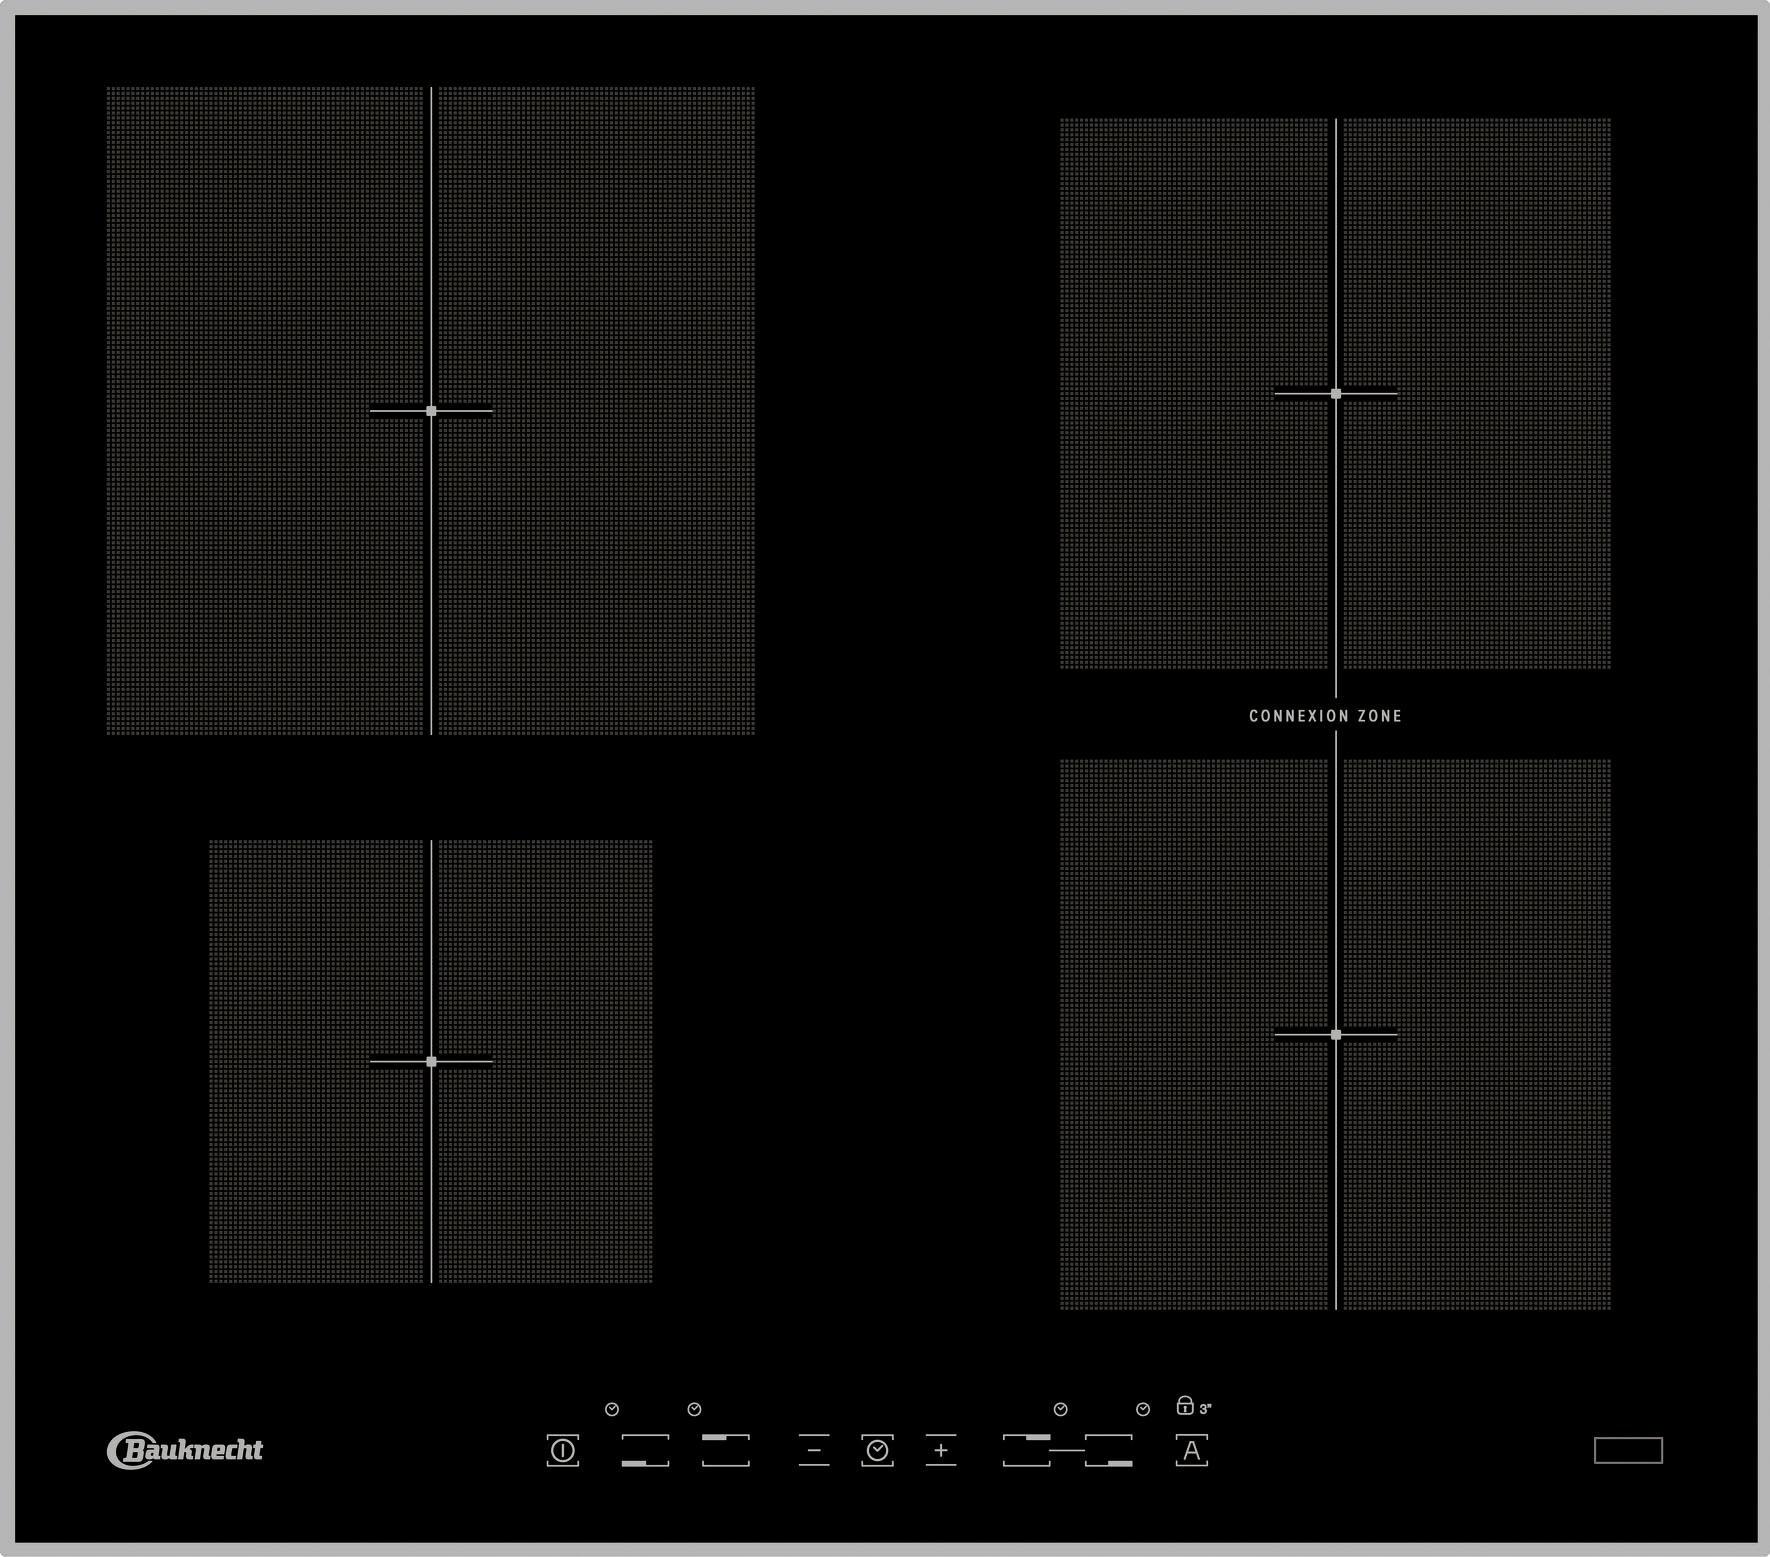 Bauknecht inductiekookplaat CTAI 9640C IN bestellen: 30 dagen bedenktijd